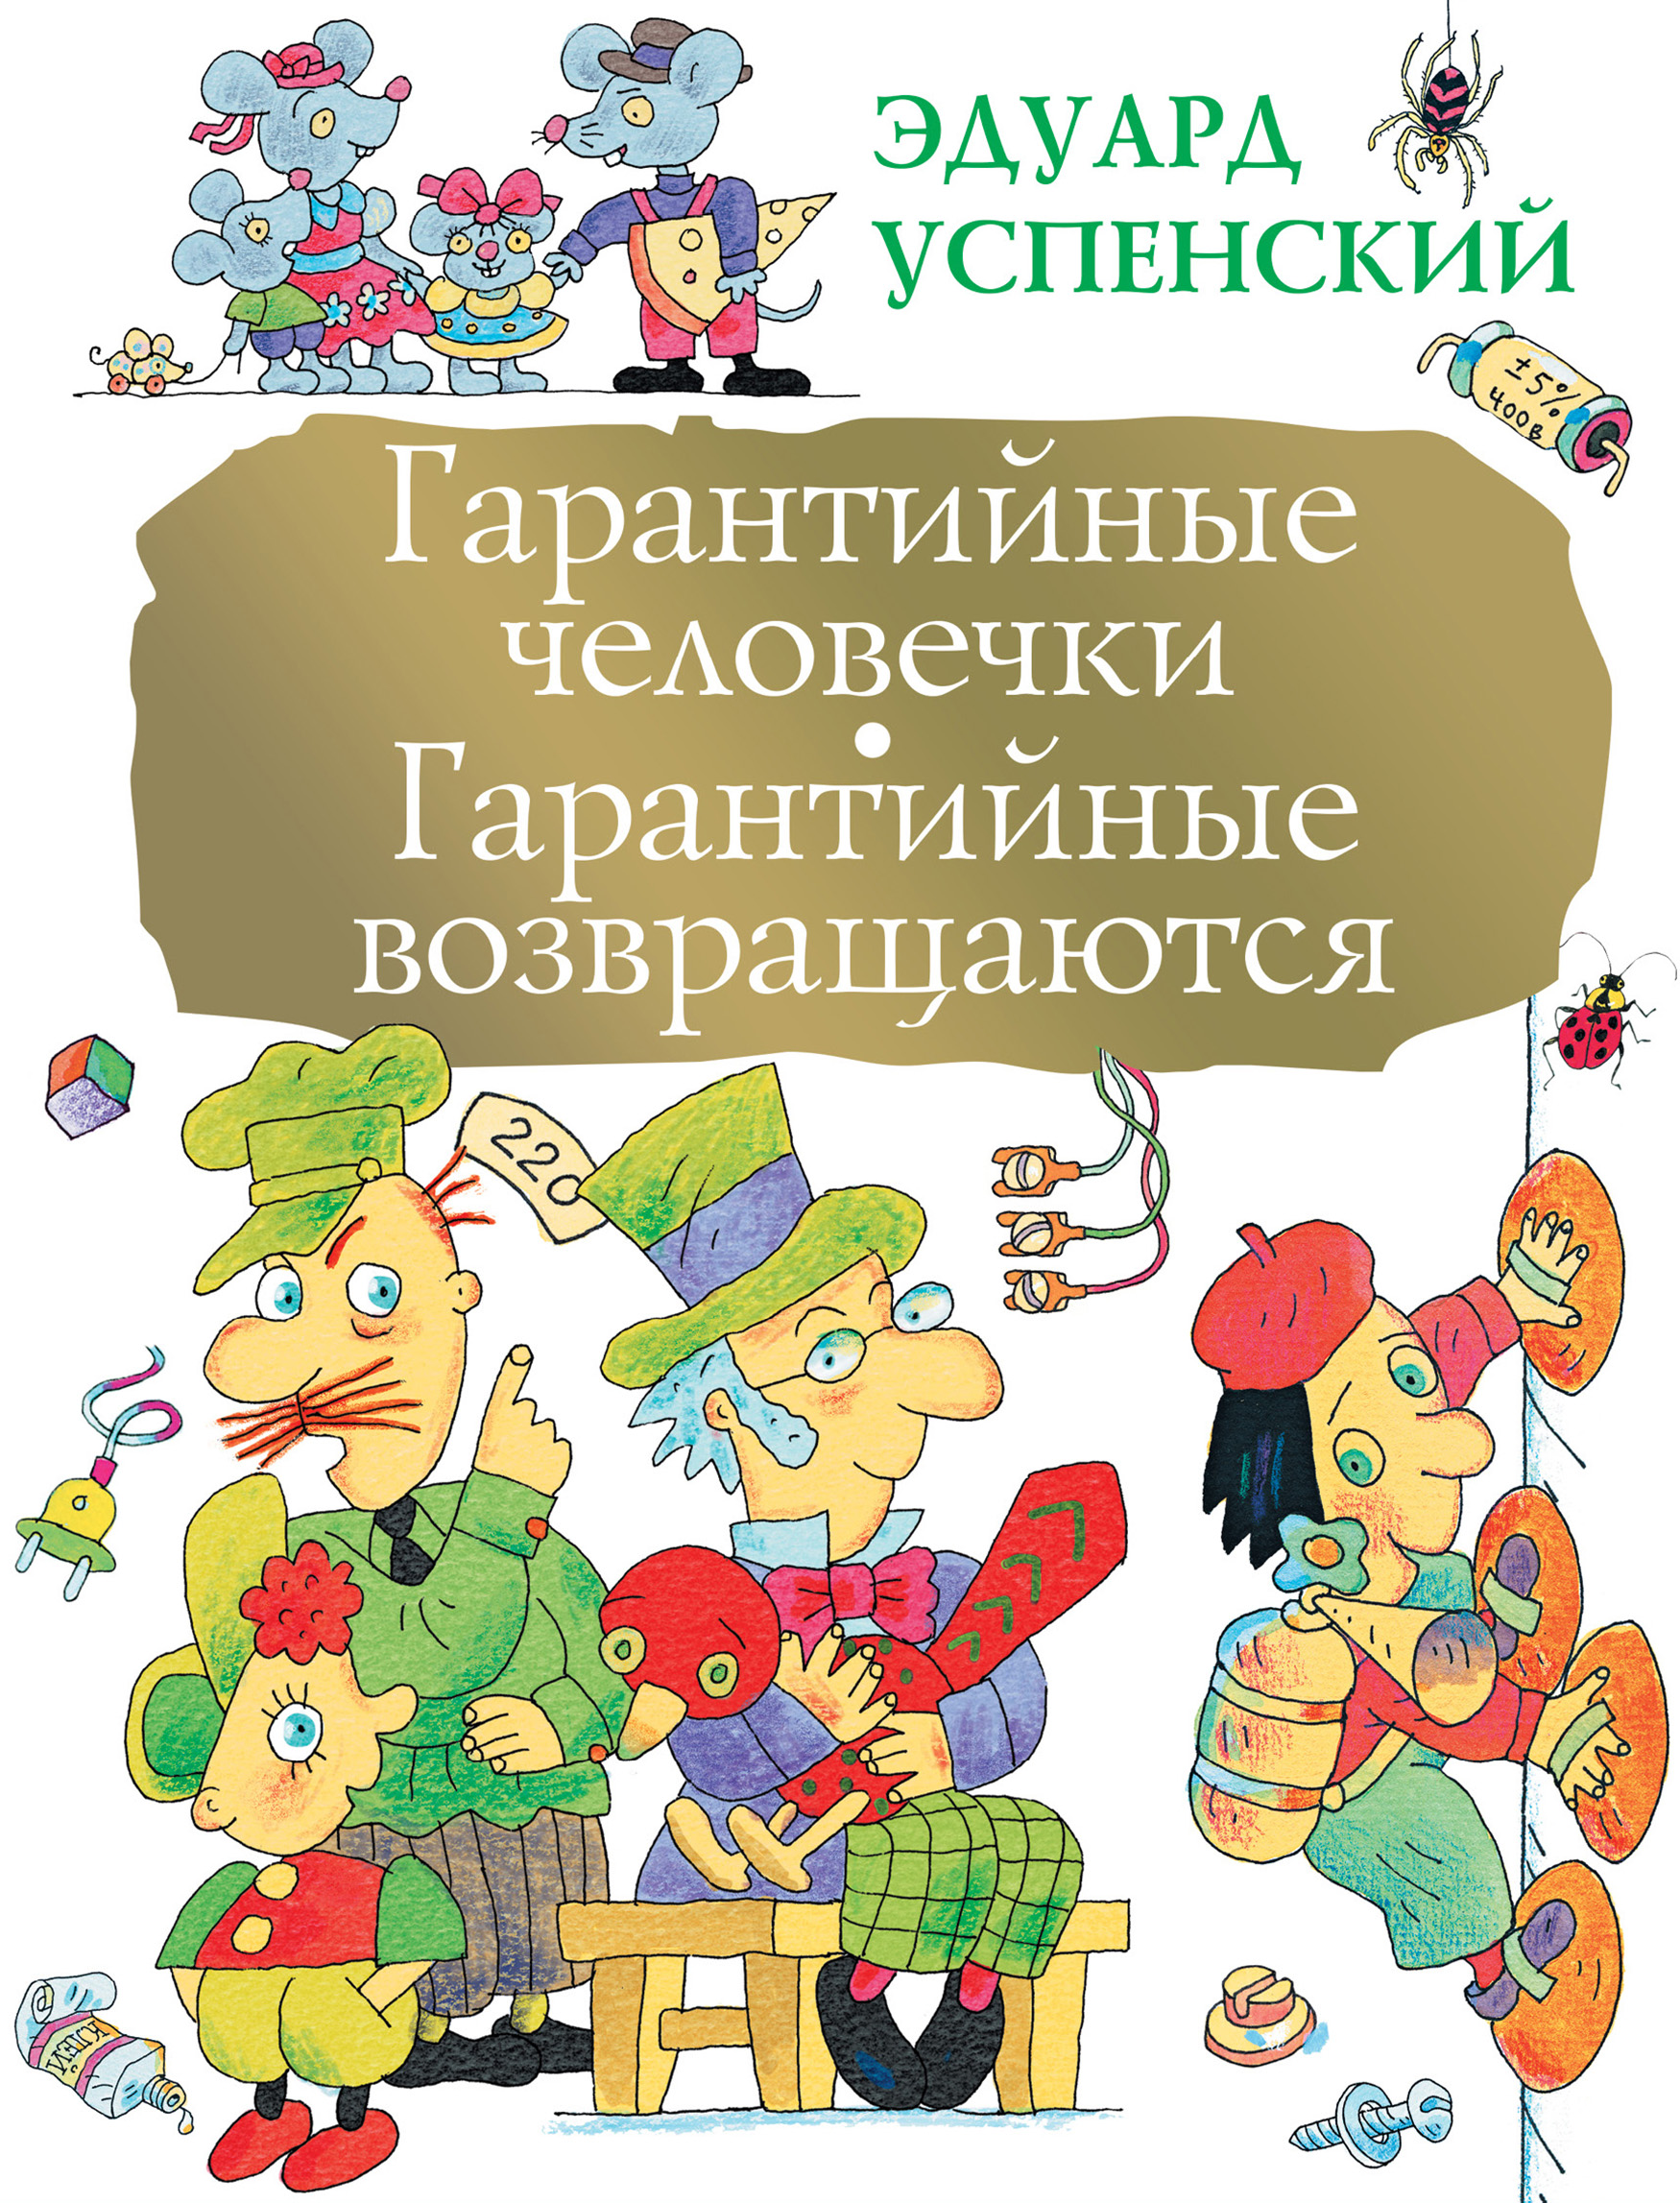 garantiynye chelovechki garantiynye vozvrashchayutsya sbornik